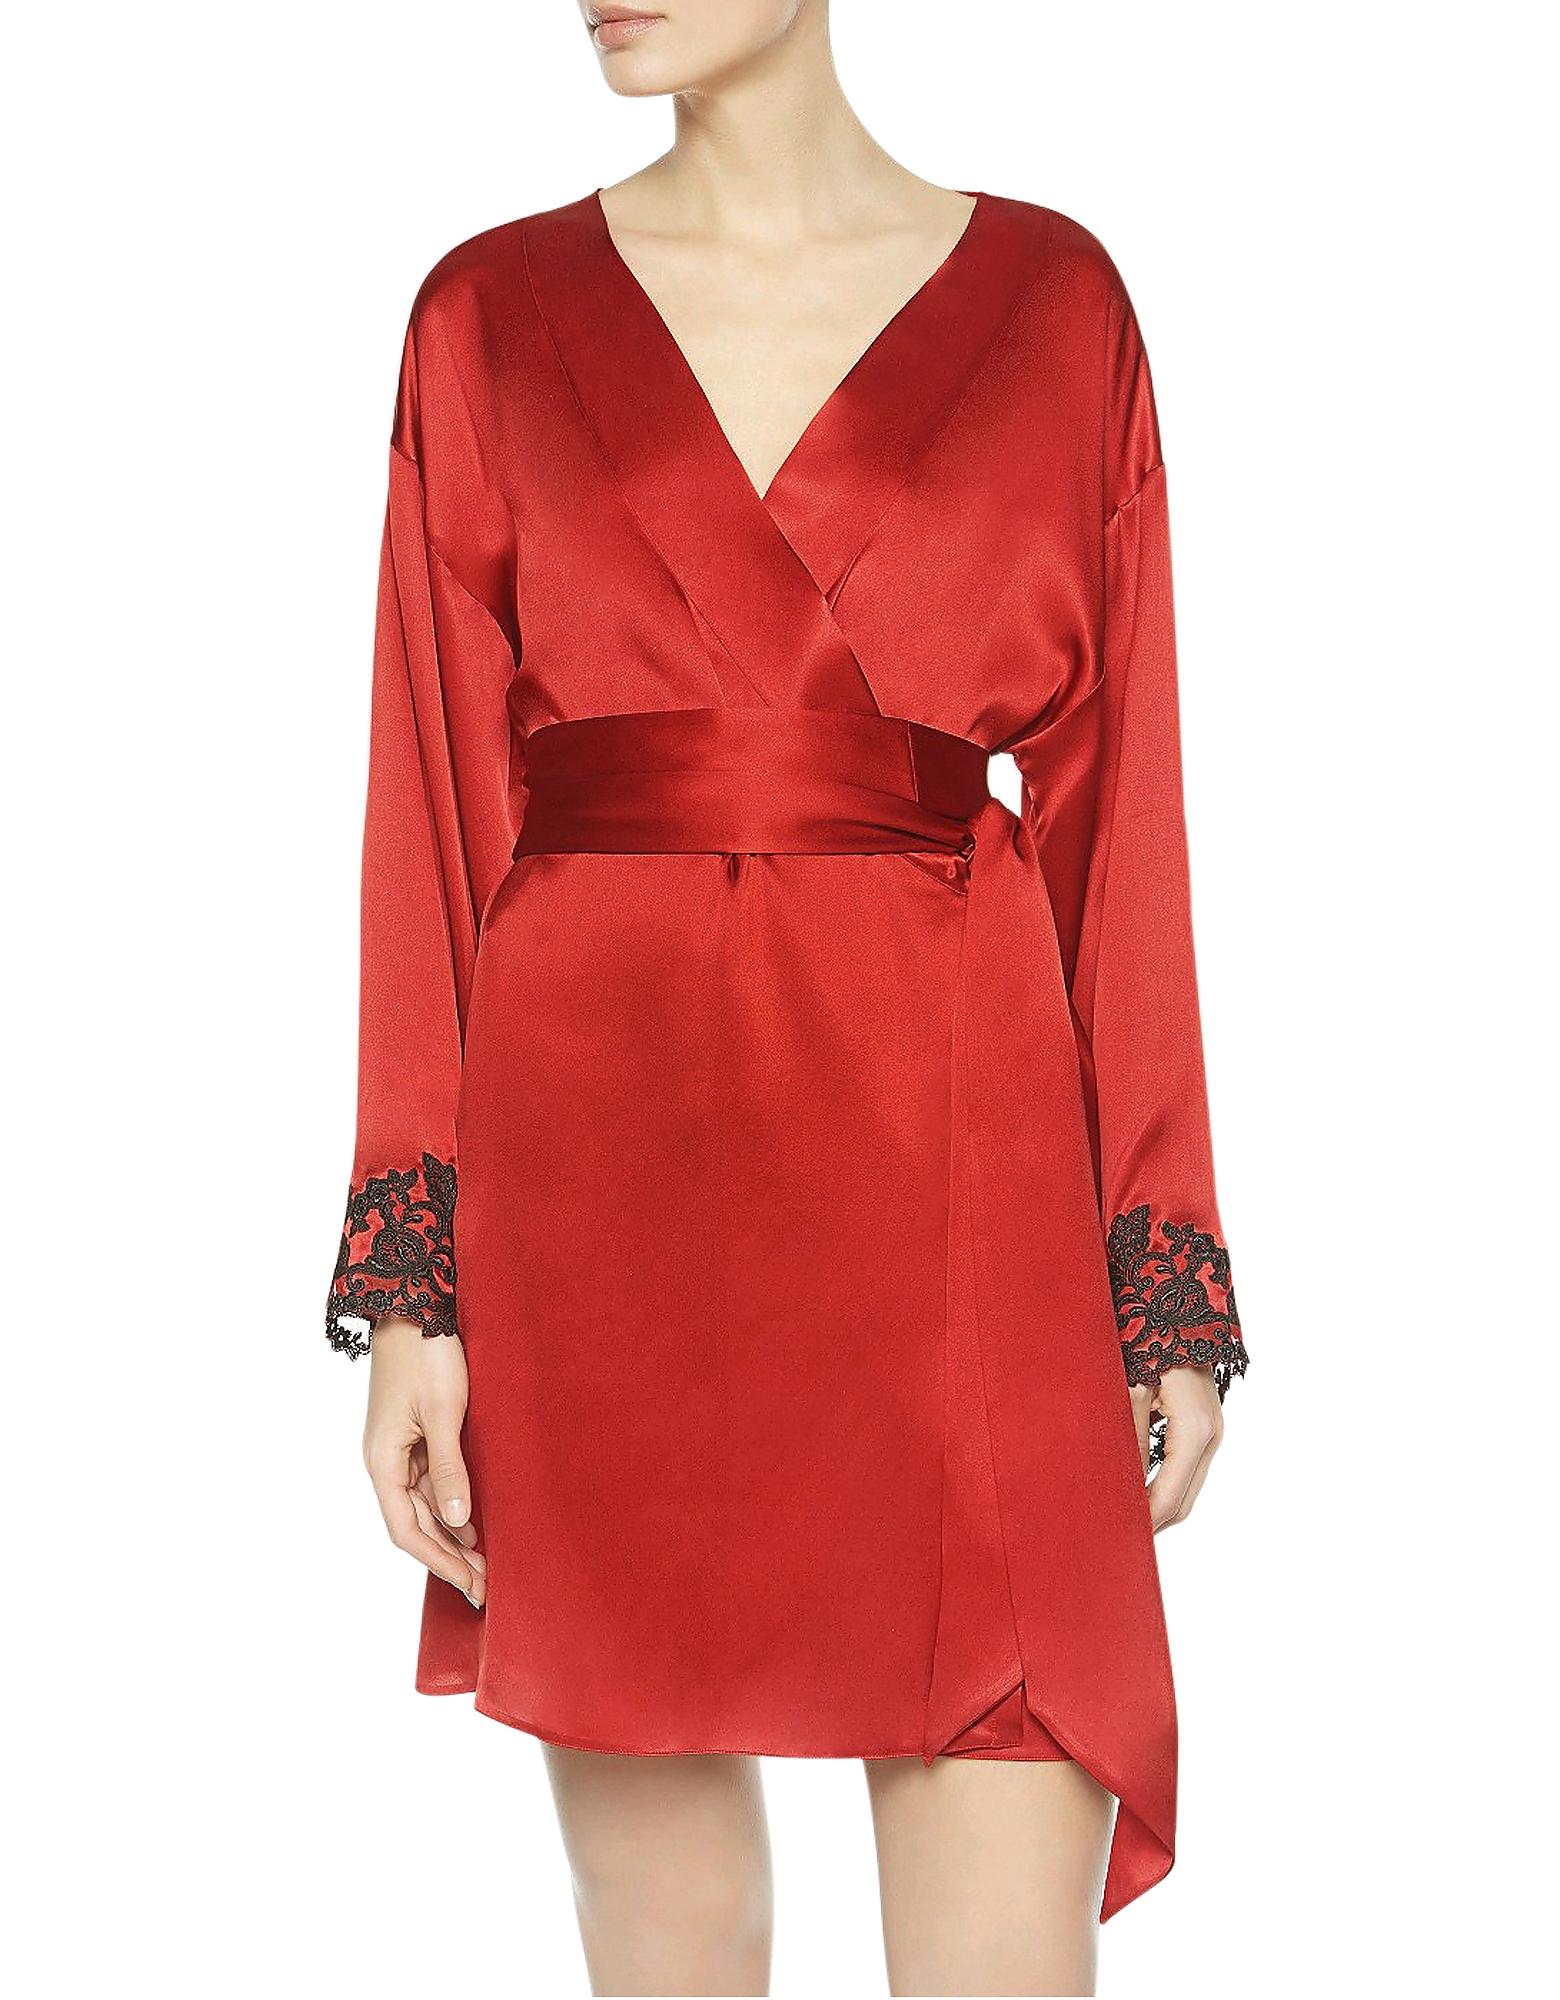 Фото Maison - Красный Короткий Халат из Атласного Шелка. Купить с доставкой